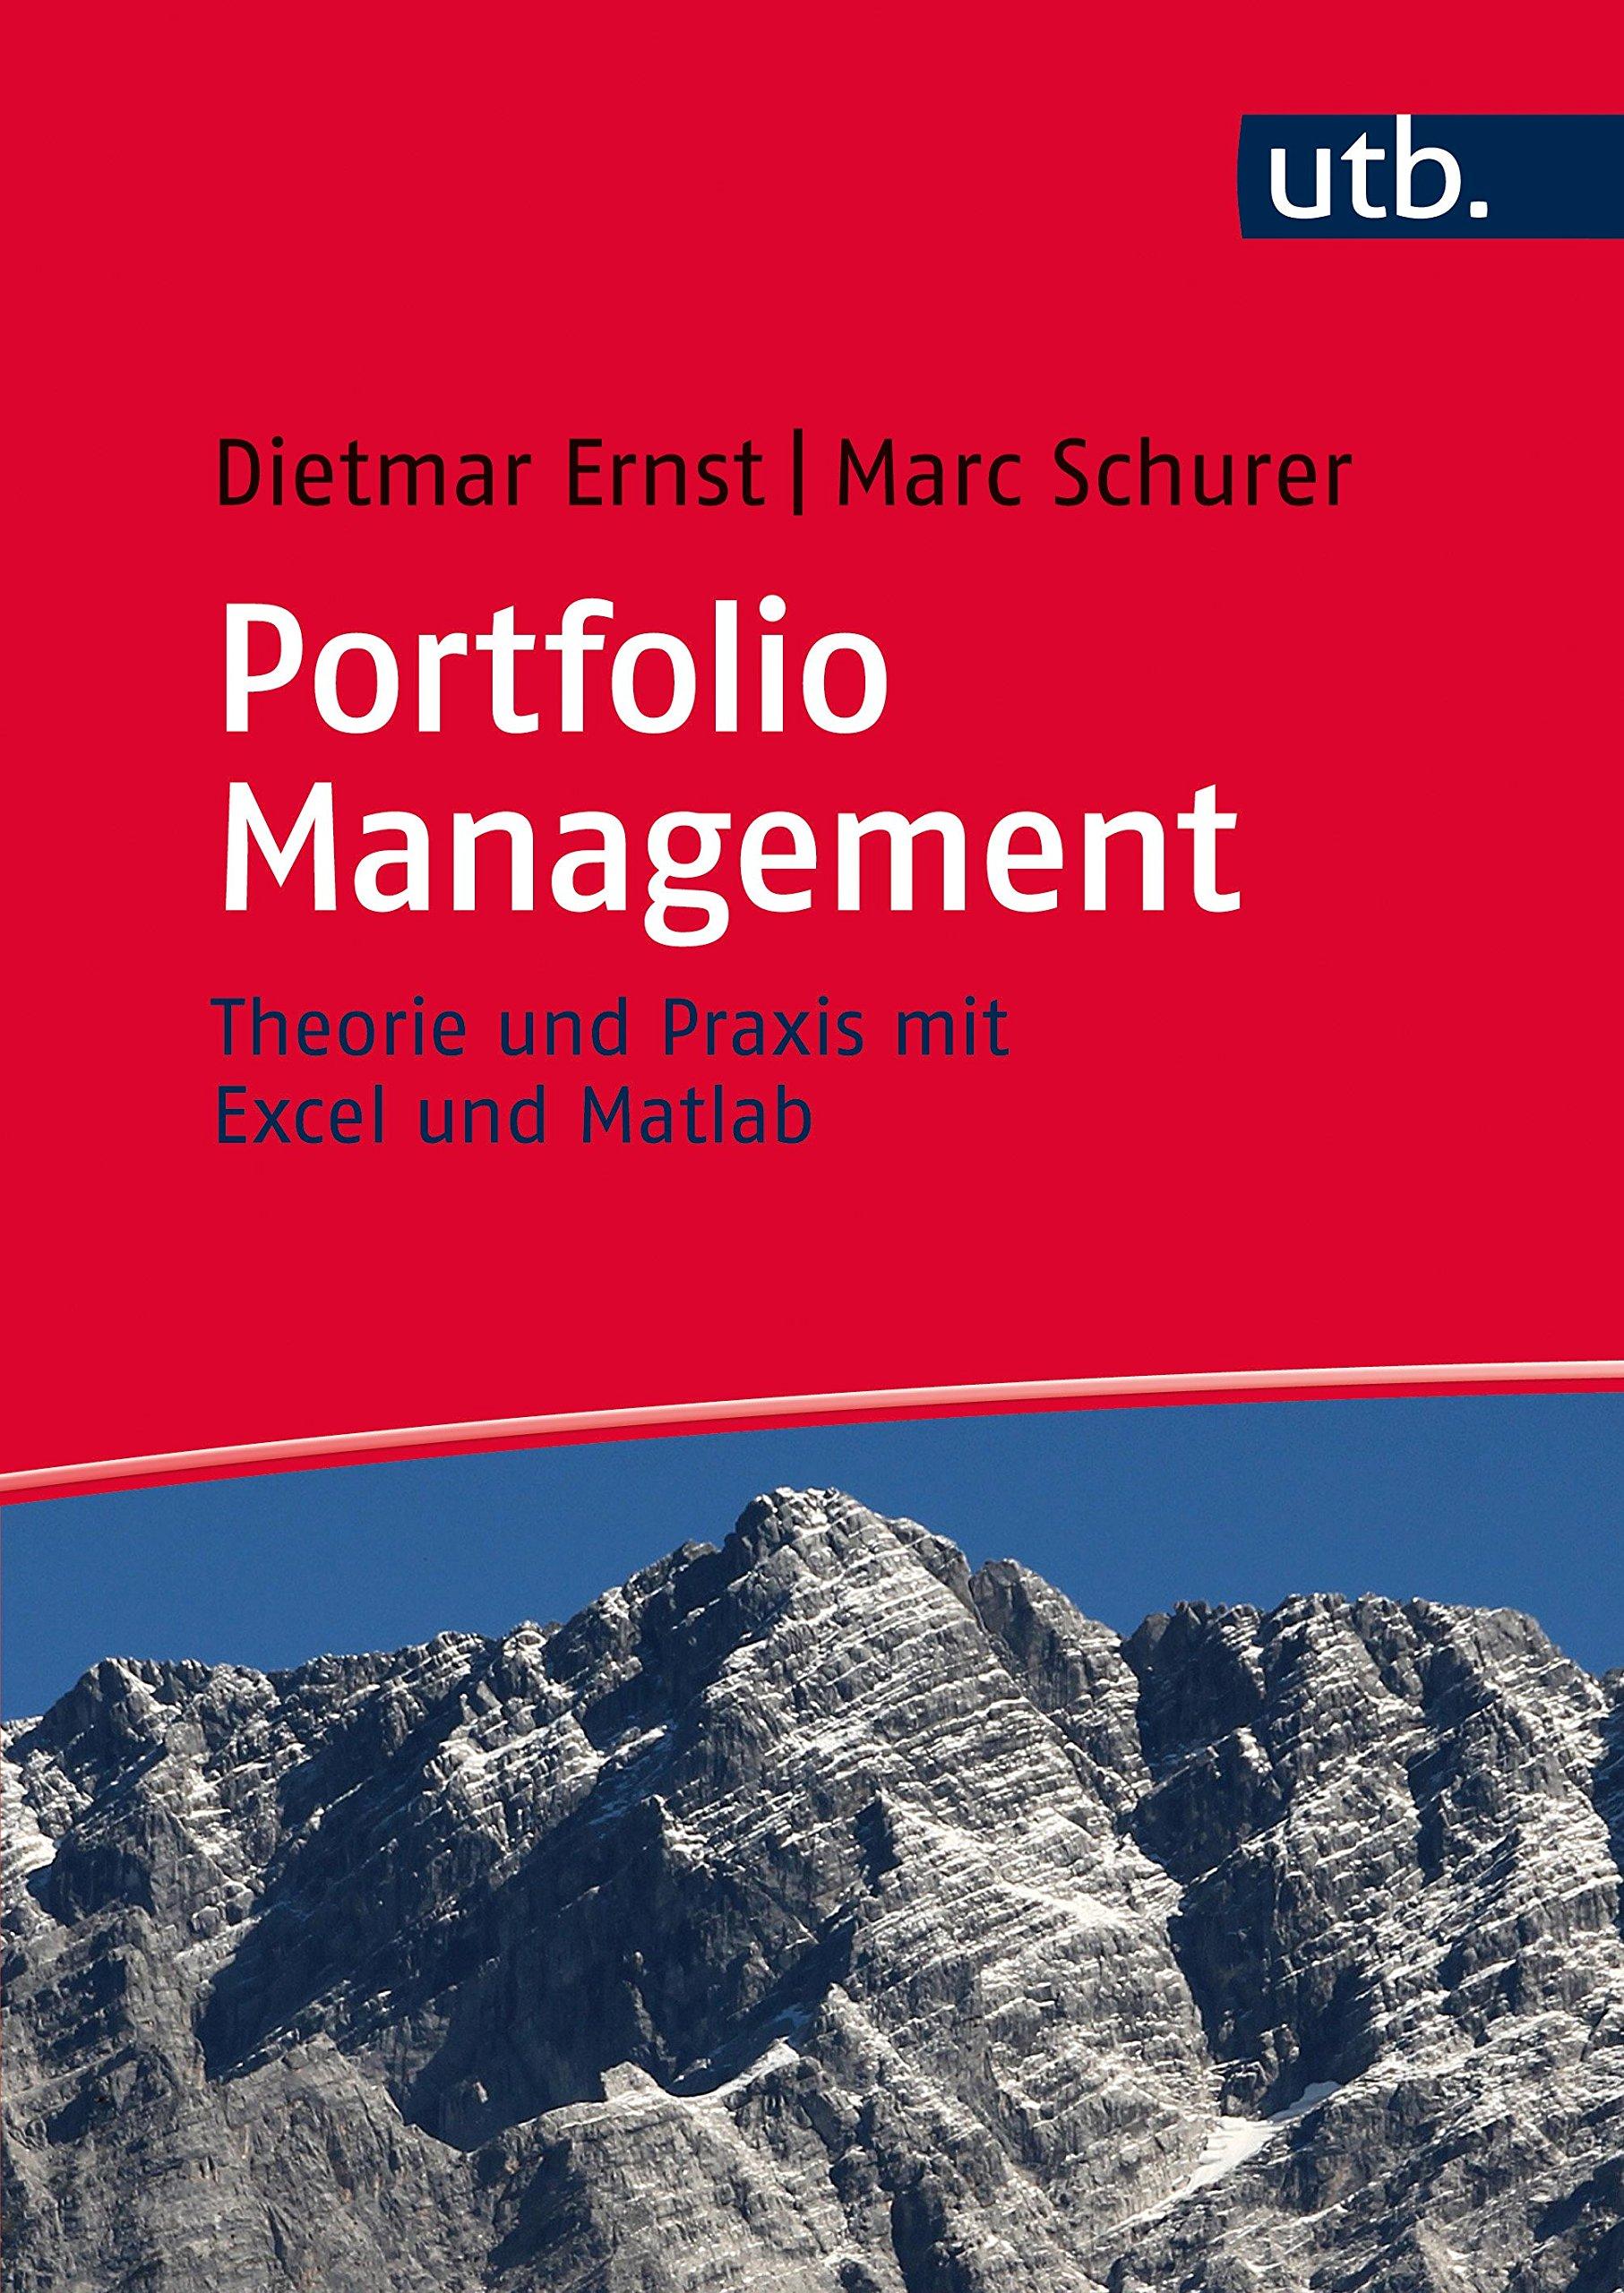 Portfolio Management: Theorie und Praxis mit Excel und Matlab Taschenbuch – 19. November 2014 Dietmar Ernst Marc Schurer UTB GmbH 3825285626